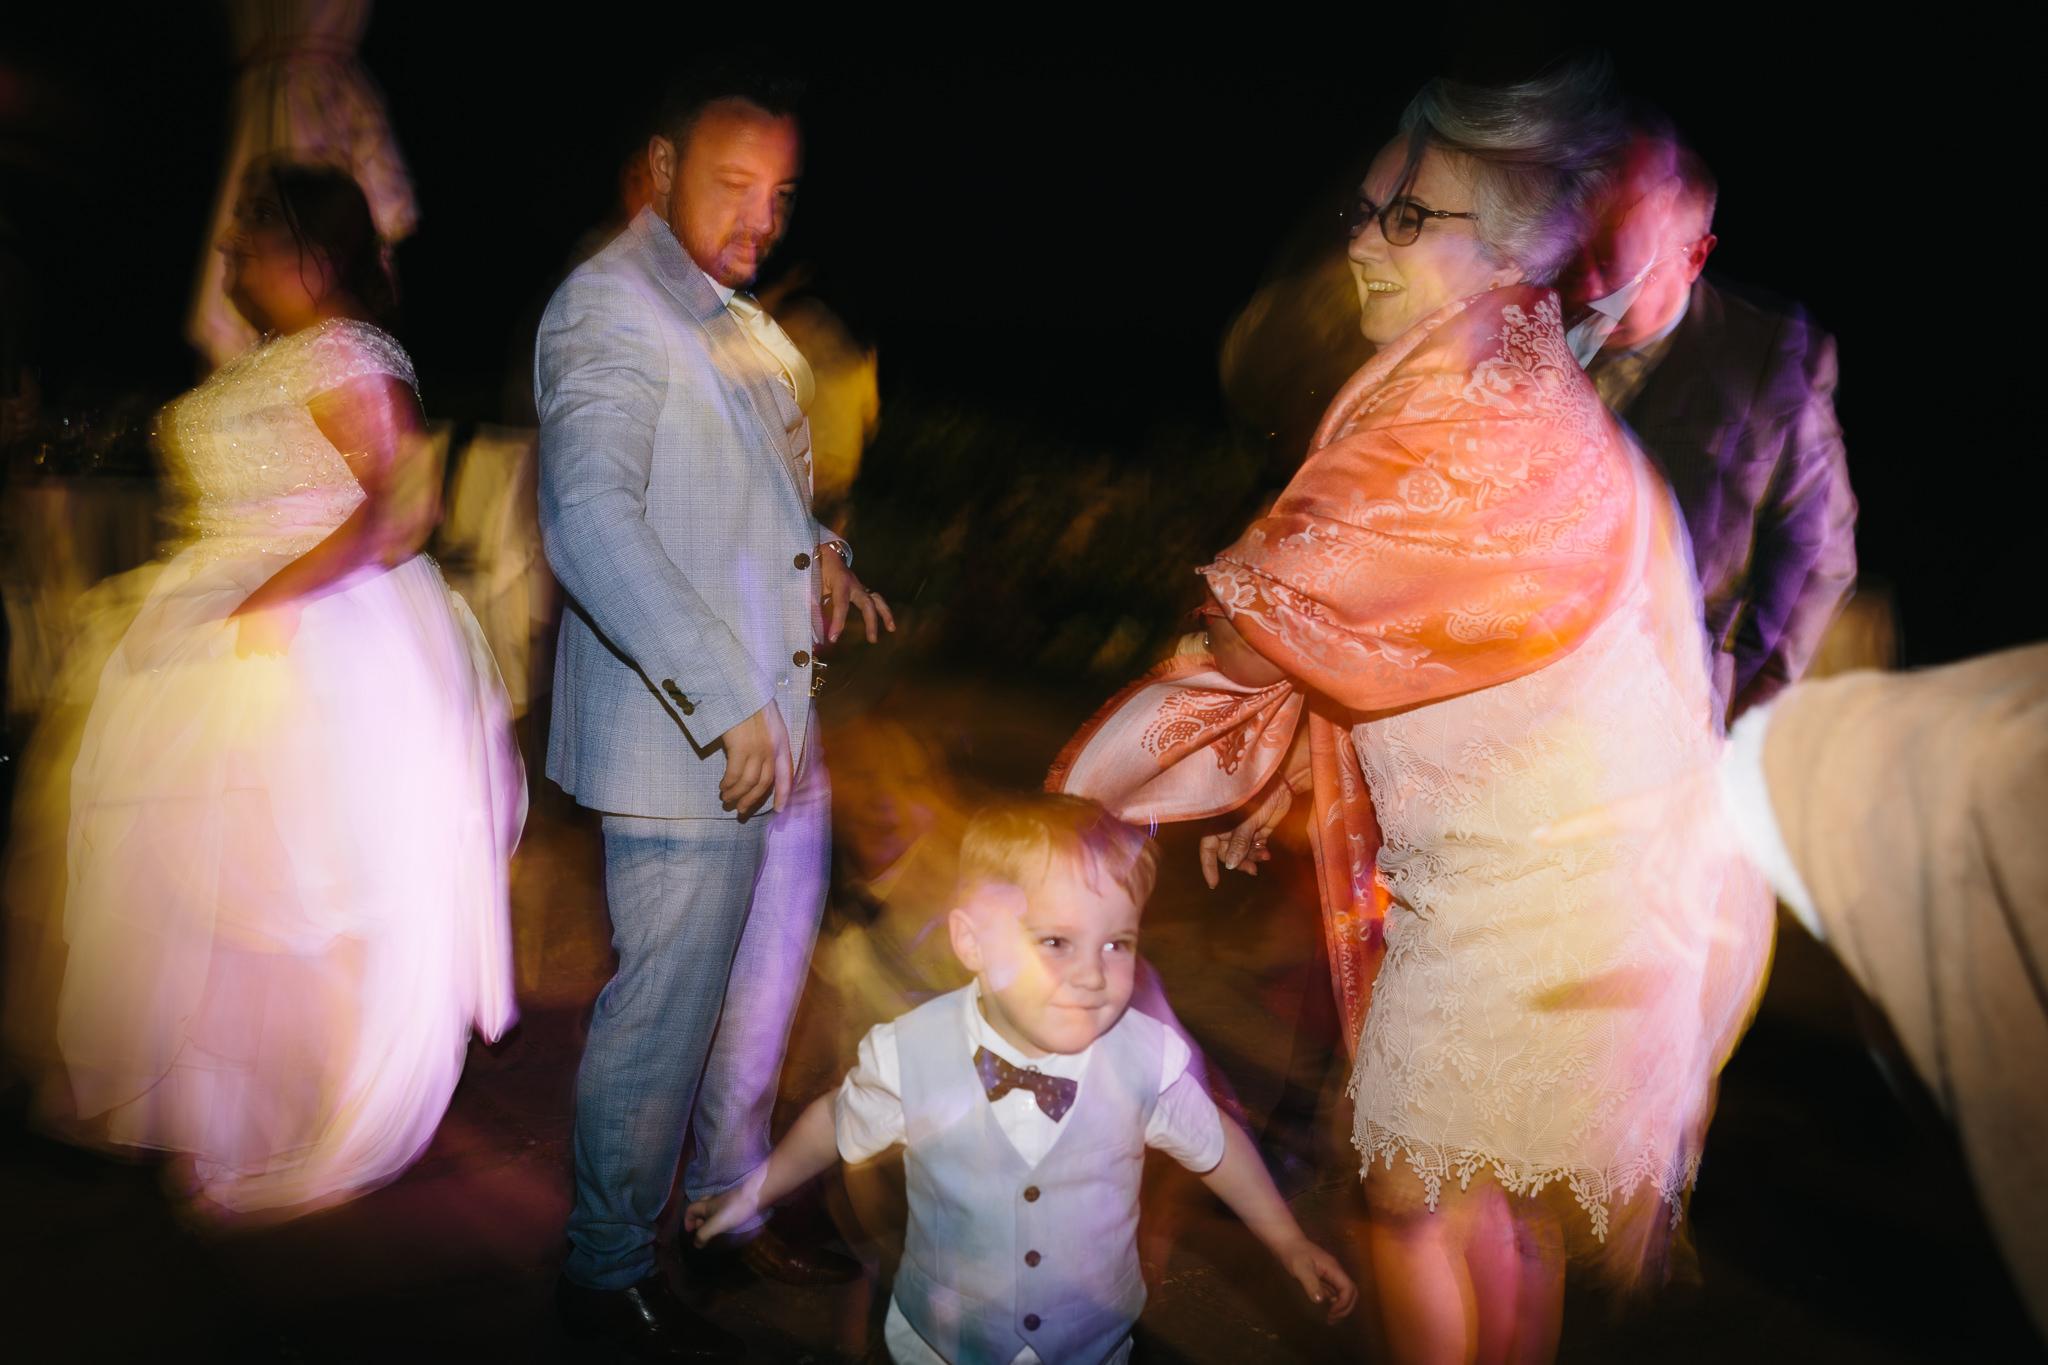 067-2019-04-27-Wedding-Michelle-e-Callum-5DE-914